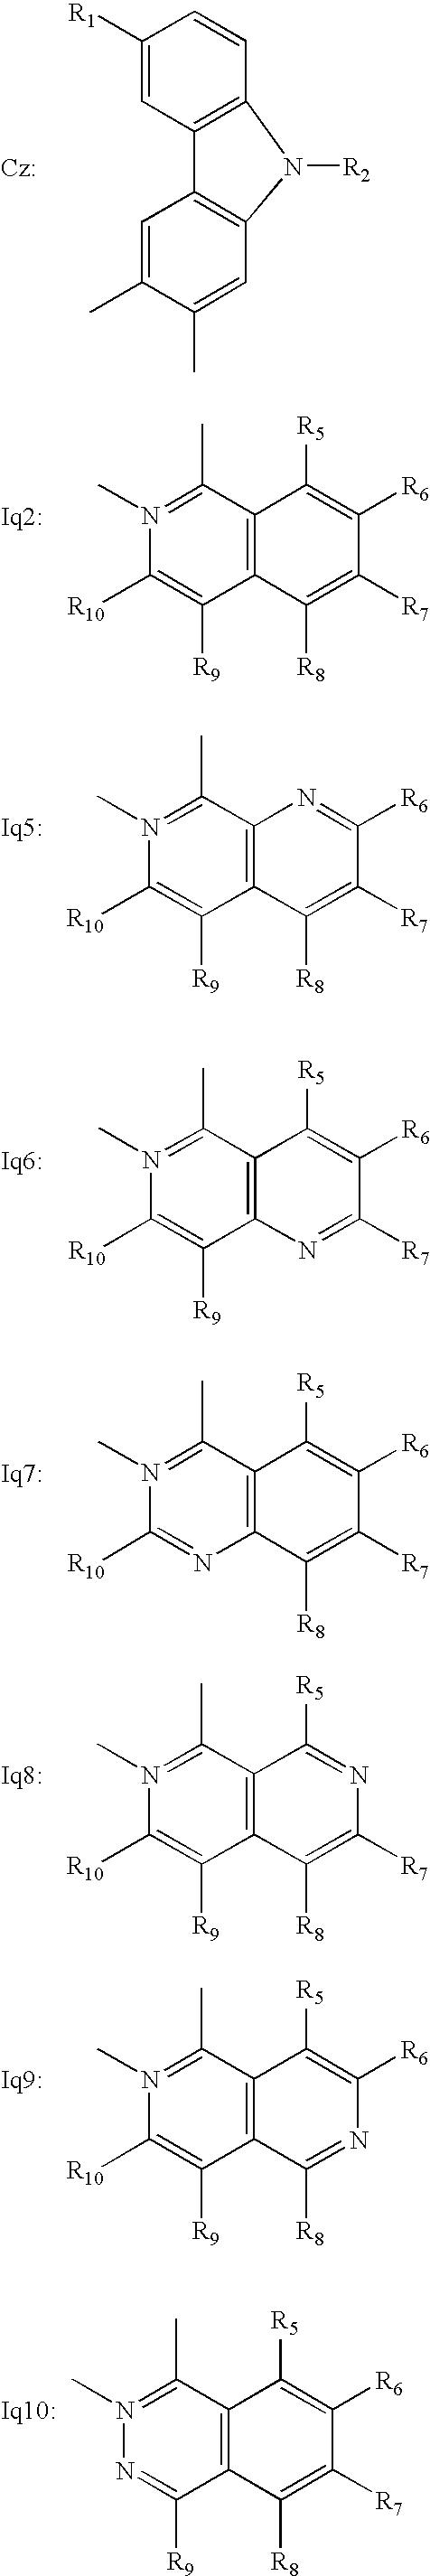 Figure US07544426-20090609-C00010